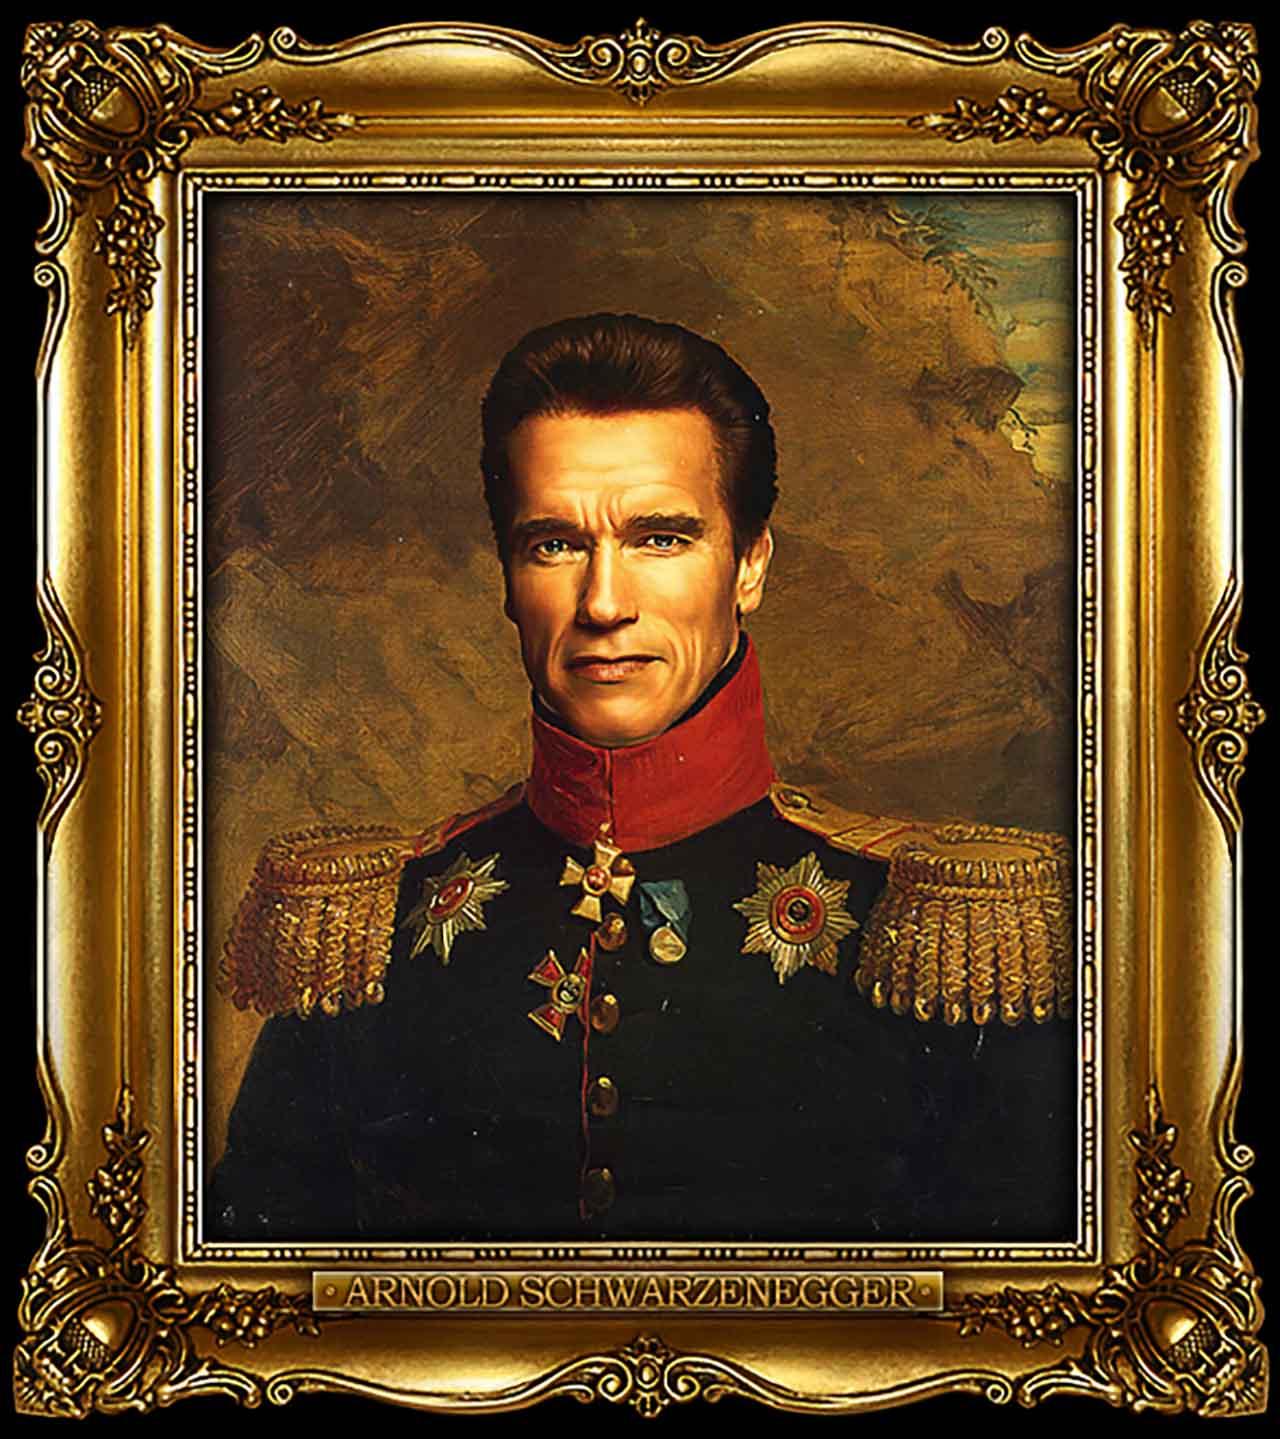 Artist Turns Famous Actors Into Russian Generals - Arnold Schwarzenegger